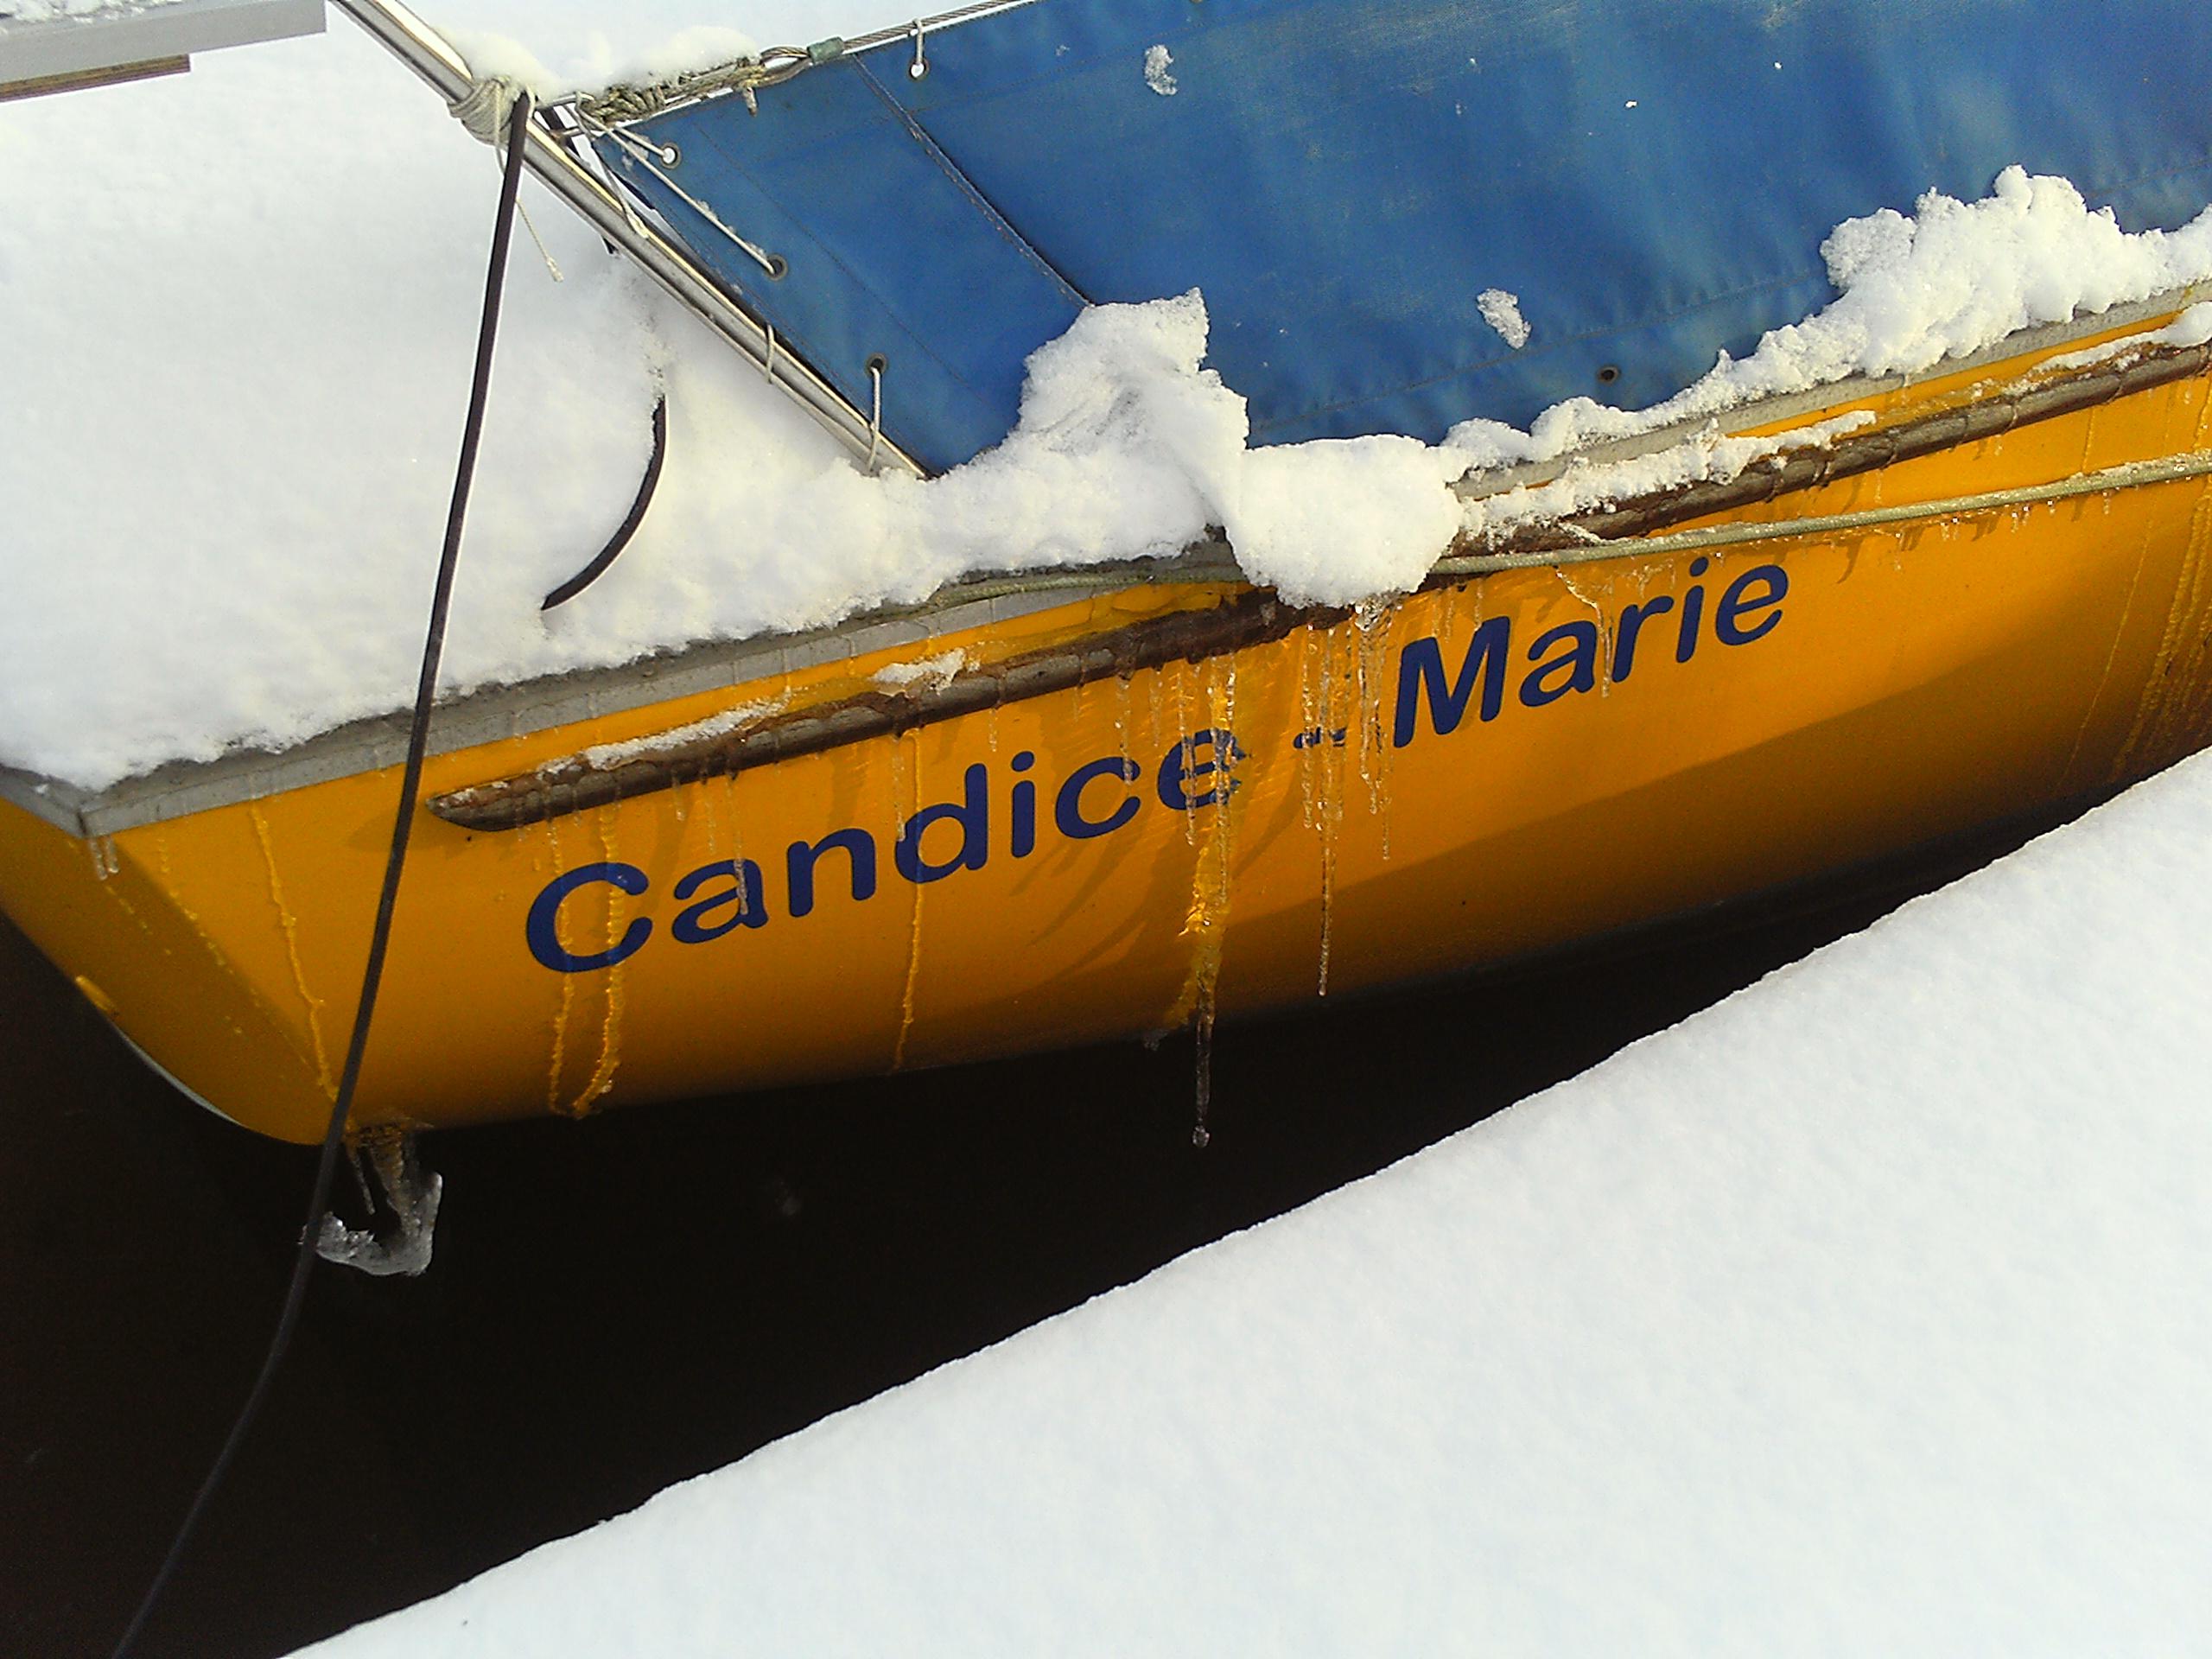 Candice-Marie mit Eistränen